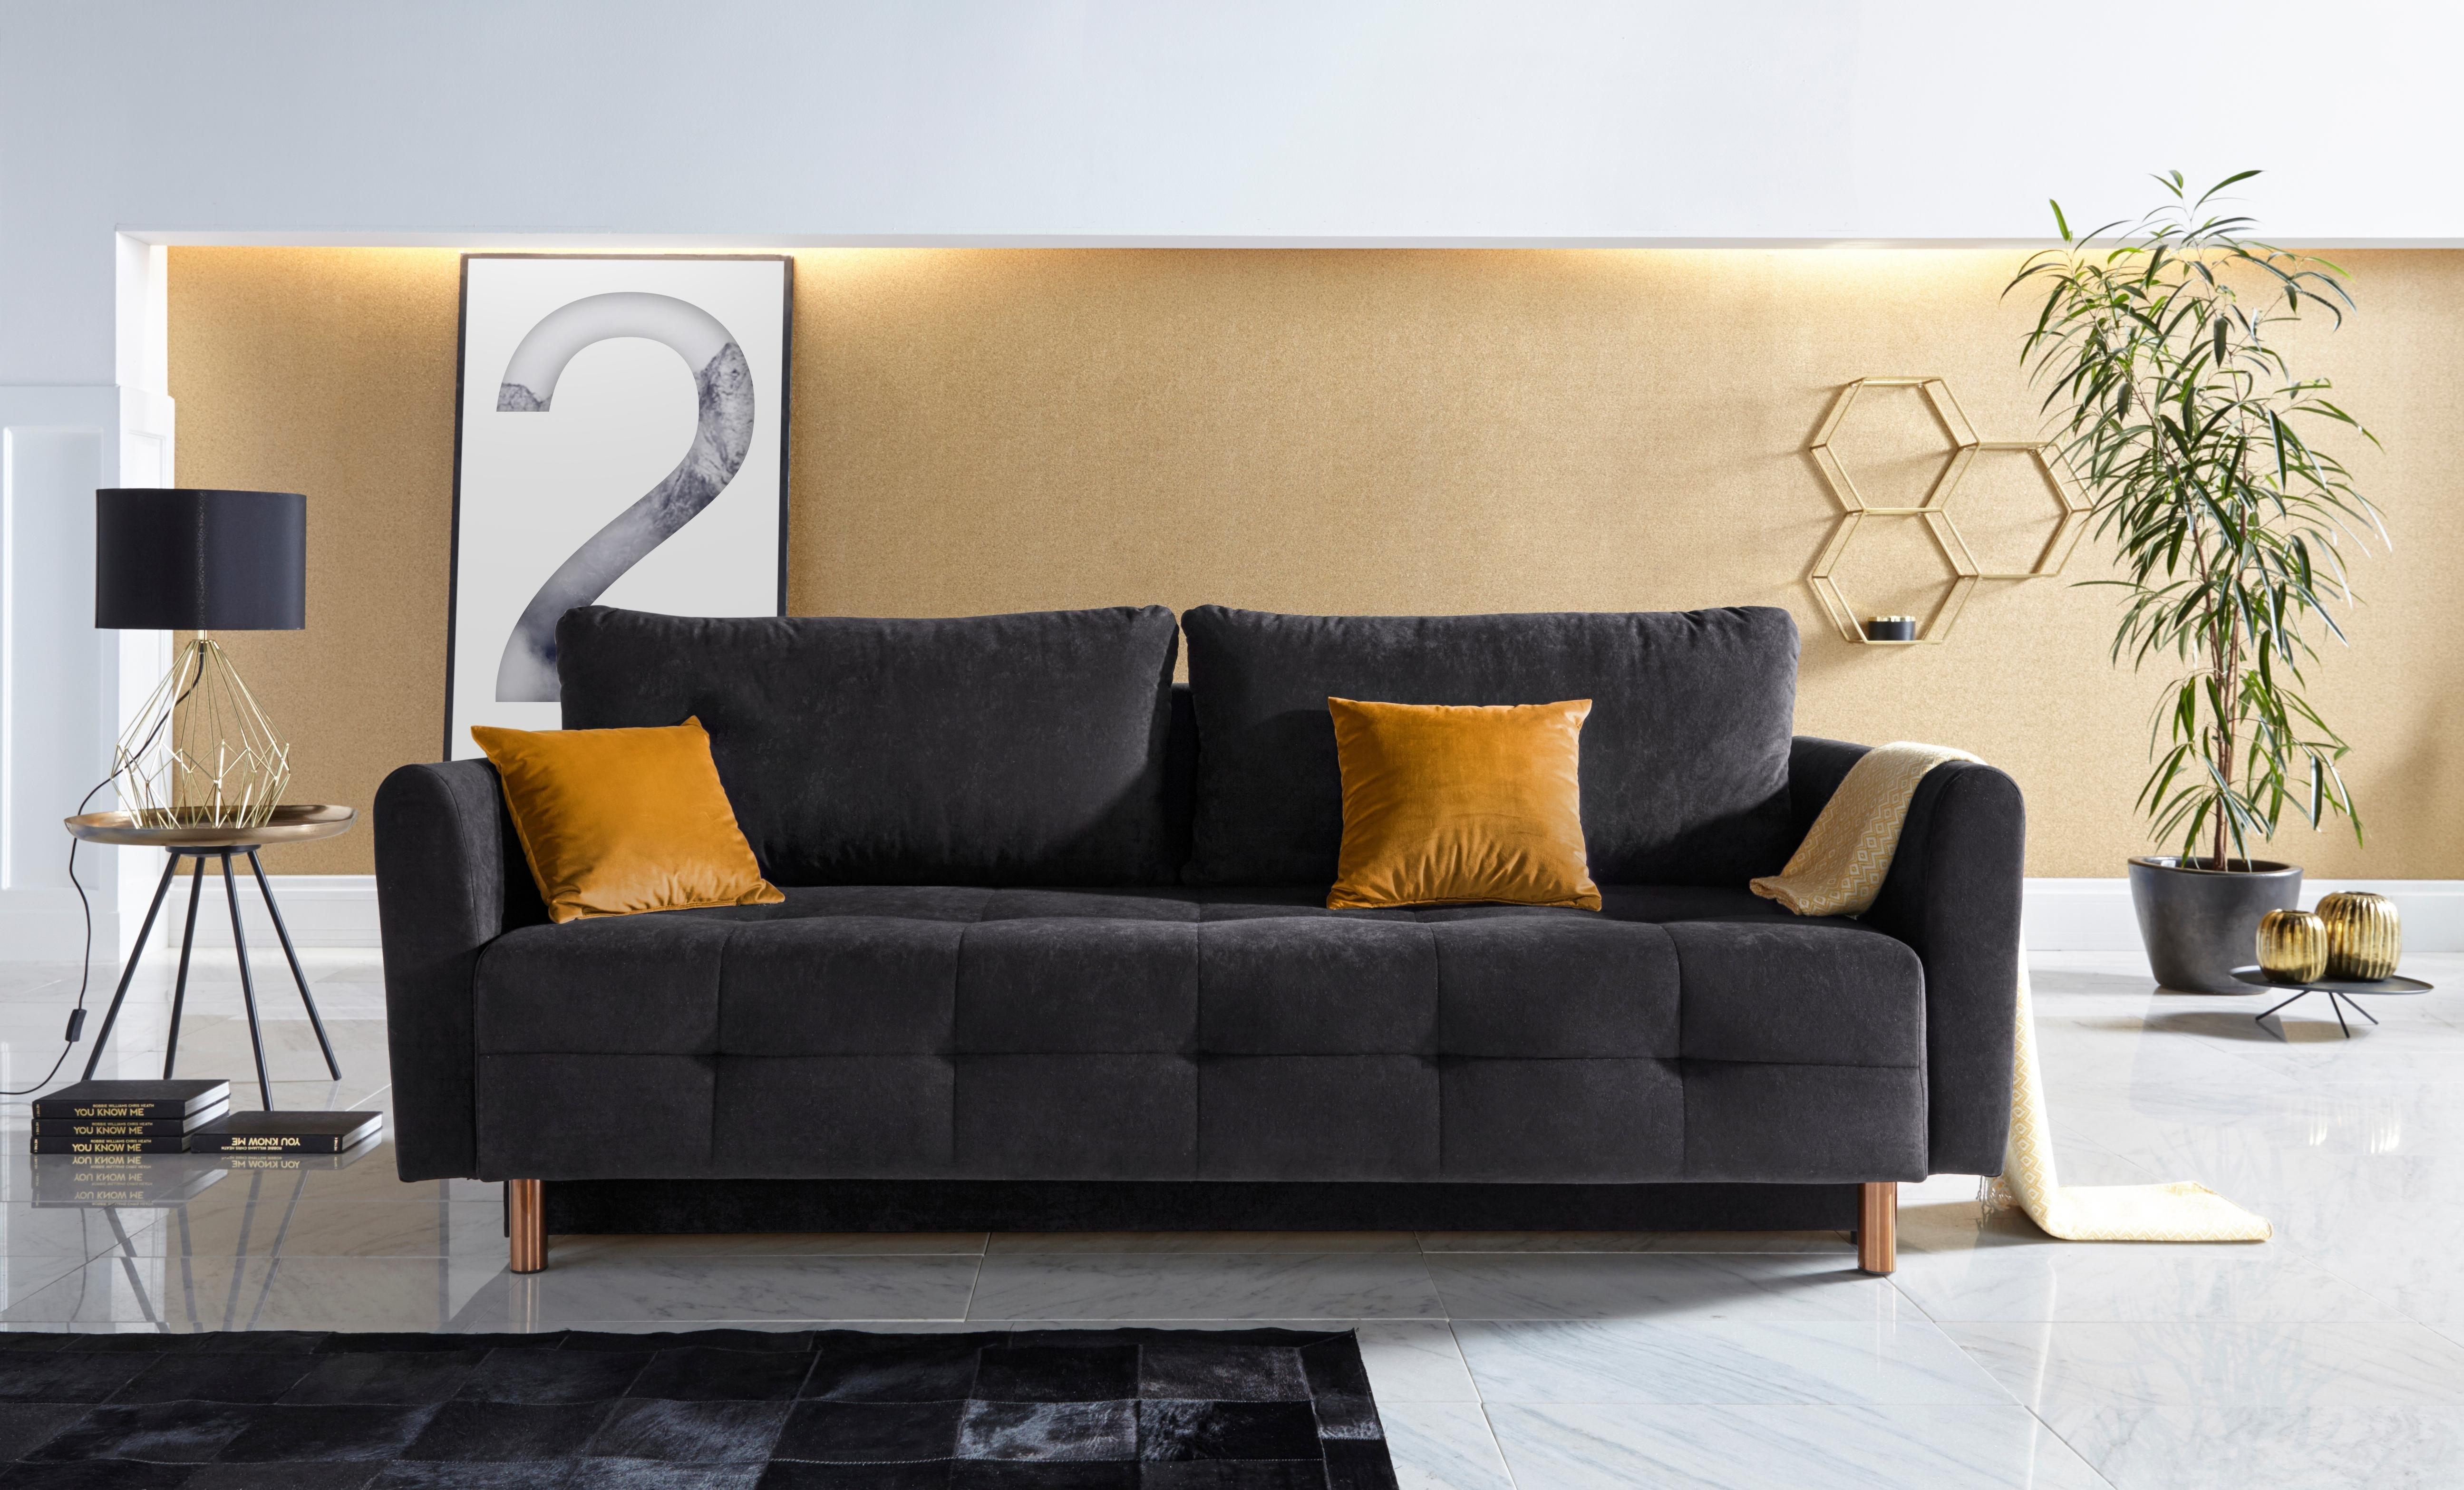 INOSIGN bedbank Nordic metallic met binnenvering en metalen poten, stiksels op de zitting goedkoop op otto.nl kopen